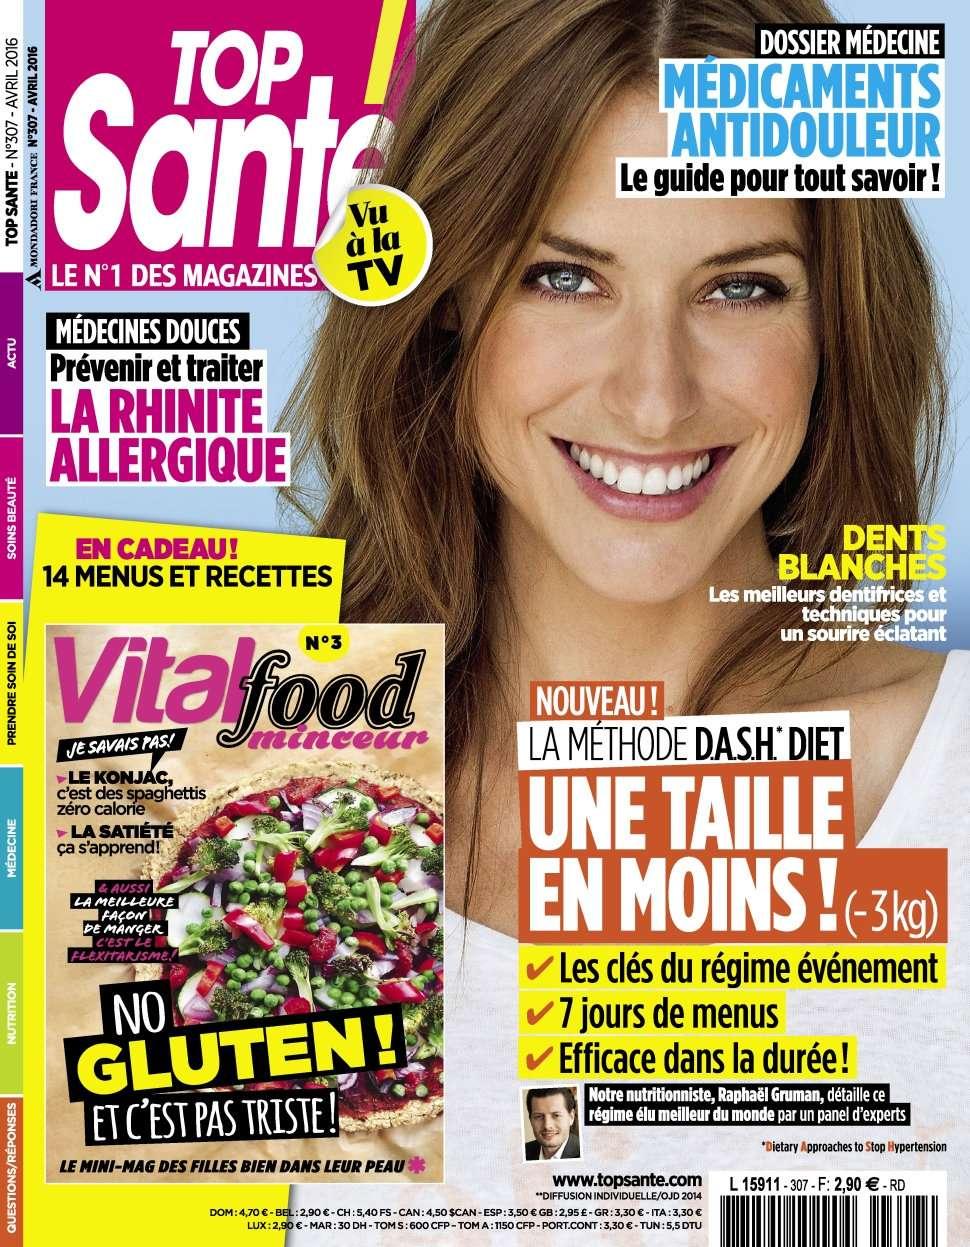 Top Santé 307 - Avril 2016